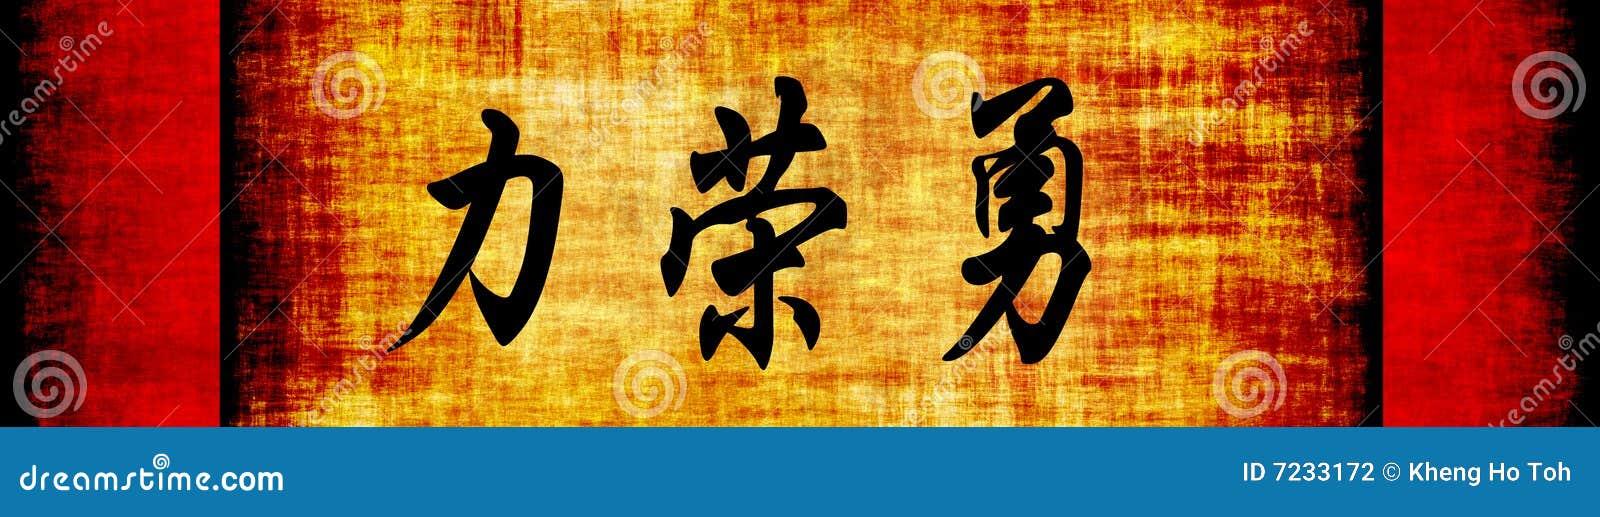 Frase Inspirador Chinesa Da Coragem Da Honra Da Força